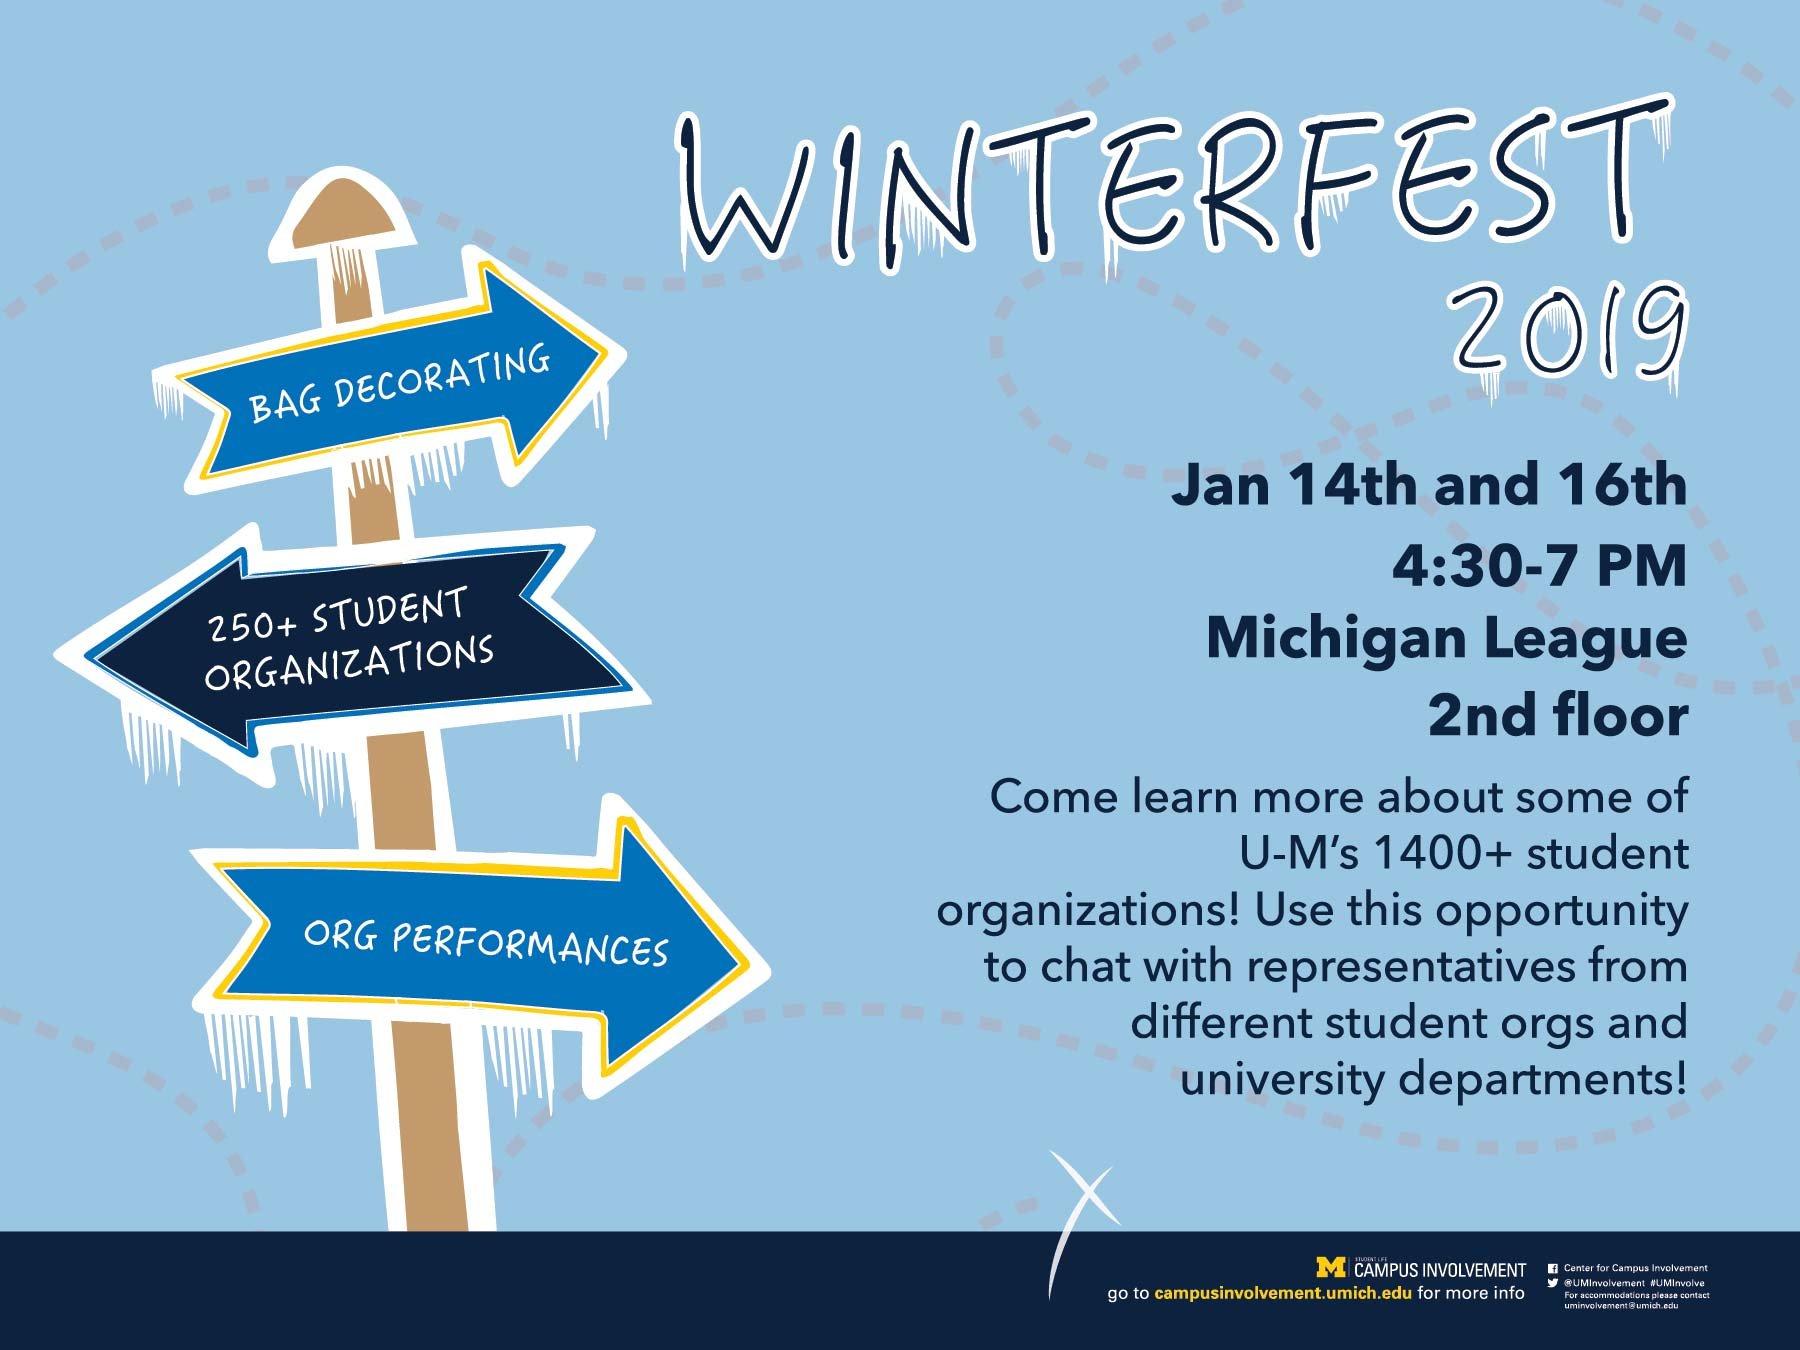 Winterfest 2019 | Campus Involvement U Michigan Calendar 2019